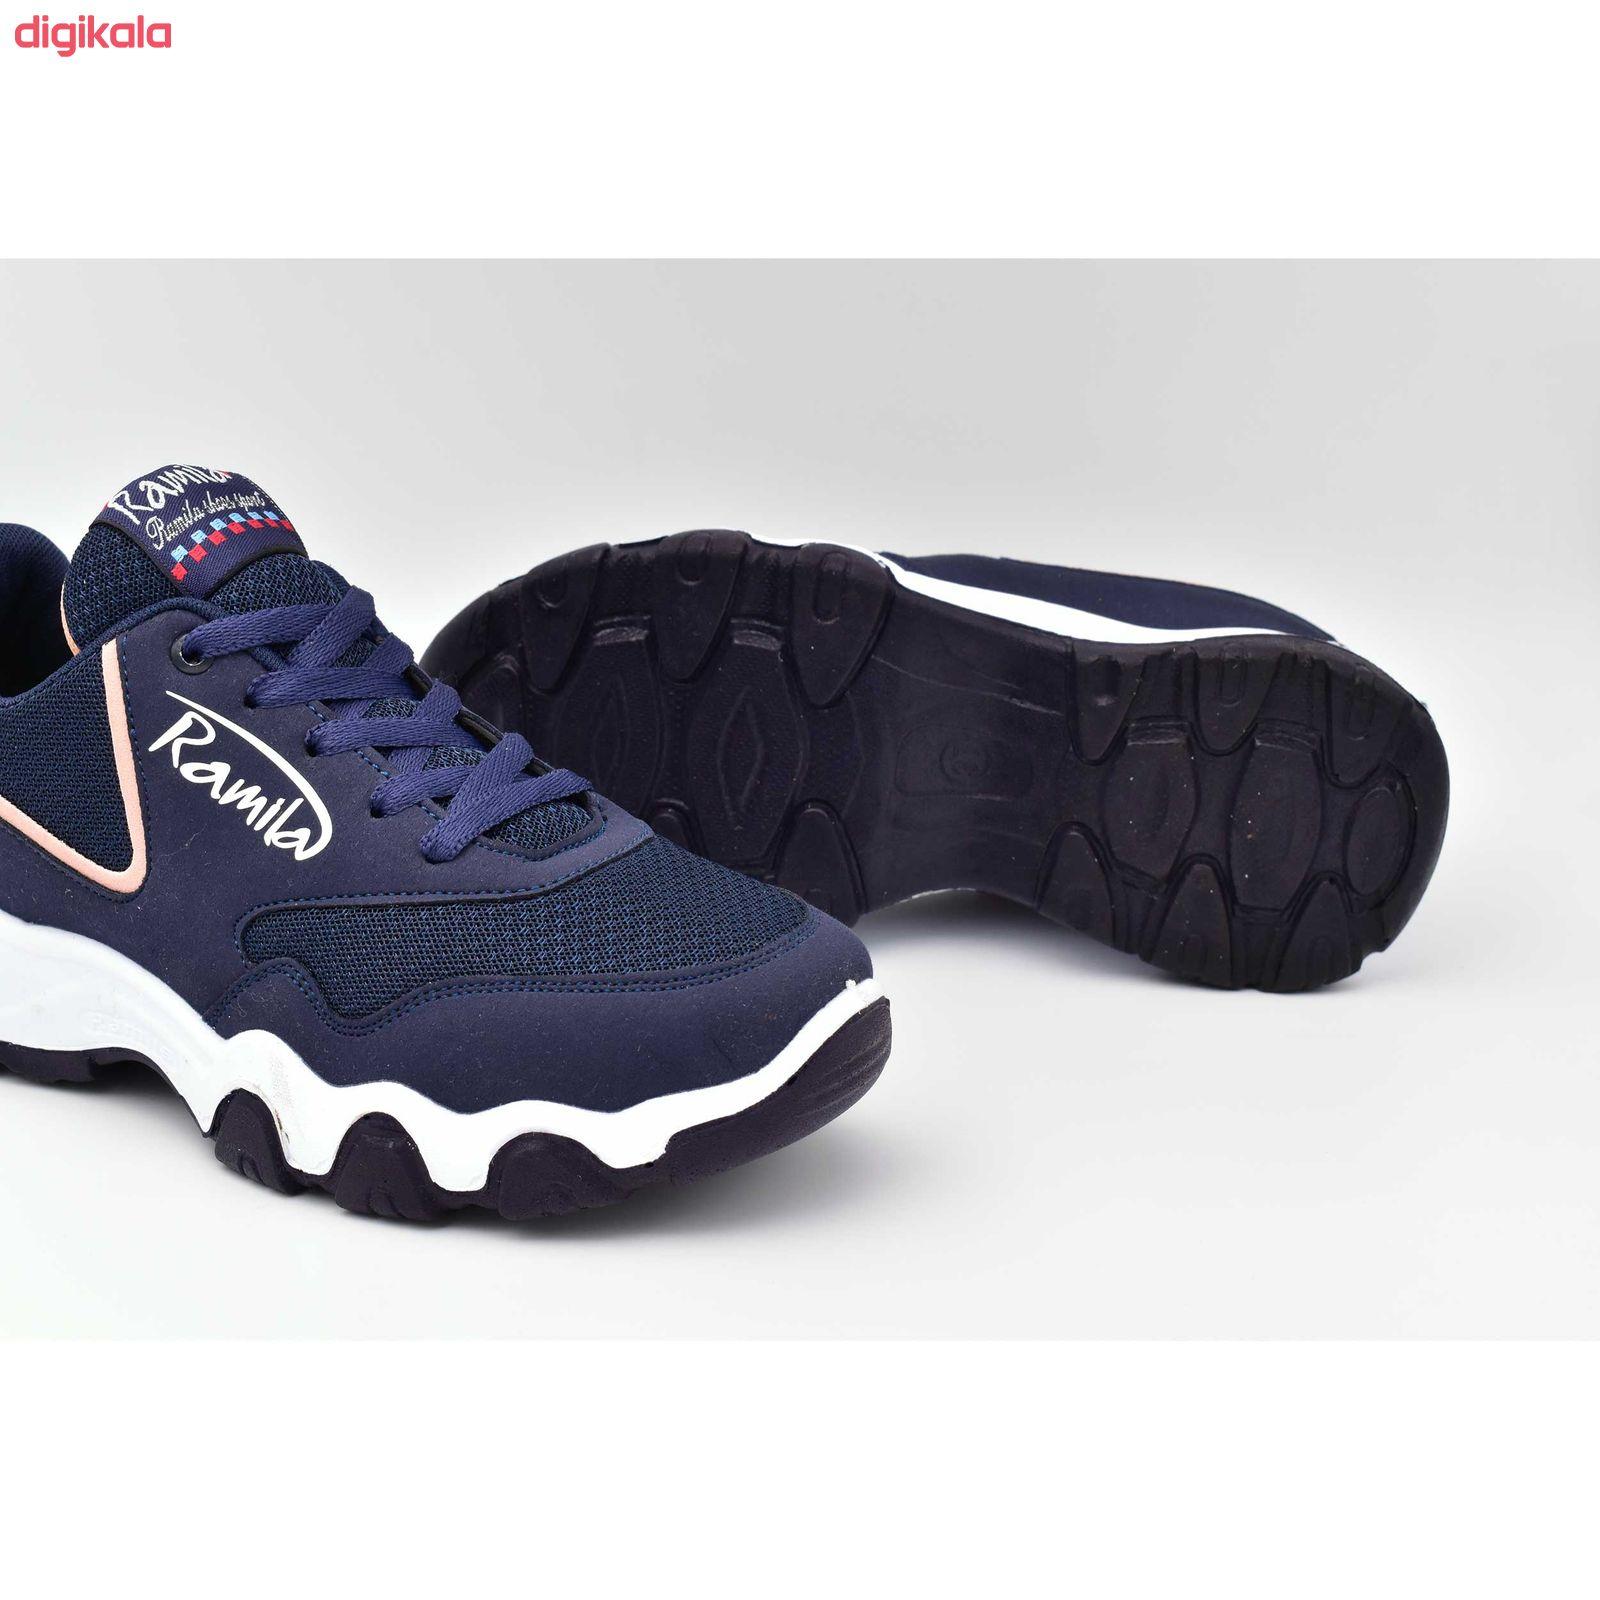 کفش مخصوص پیاده روی زنانه رامیلا مدل مونیخ کد 7660 main 1 4